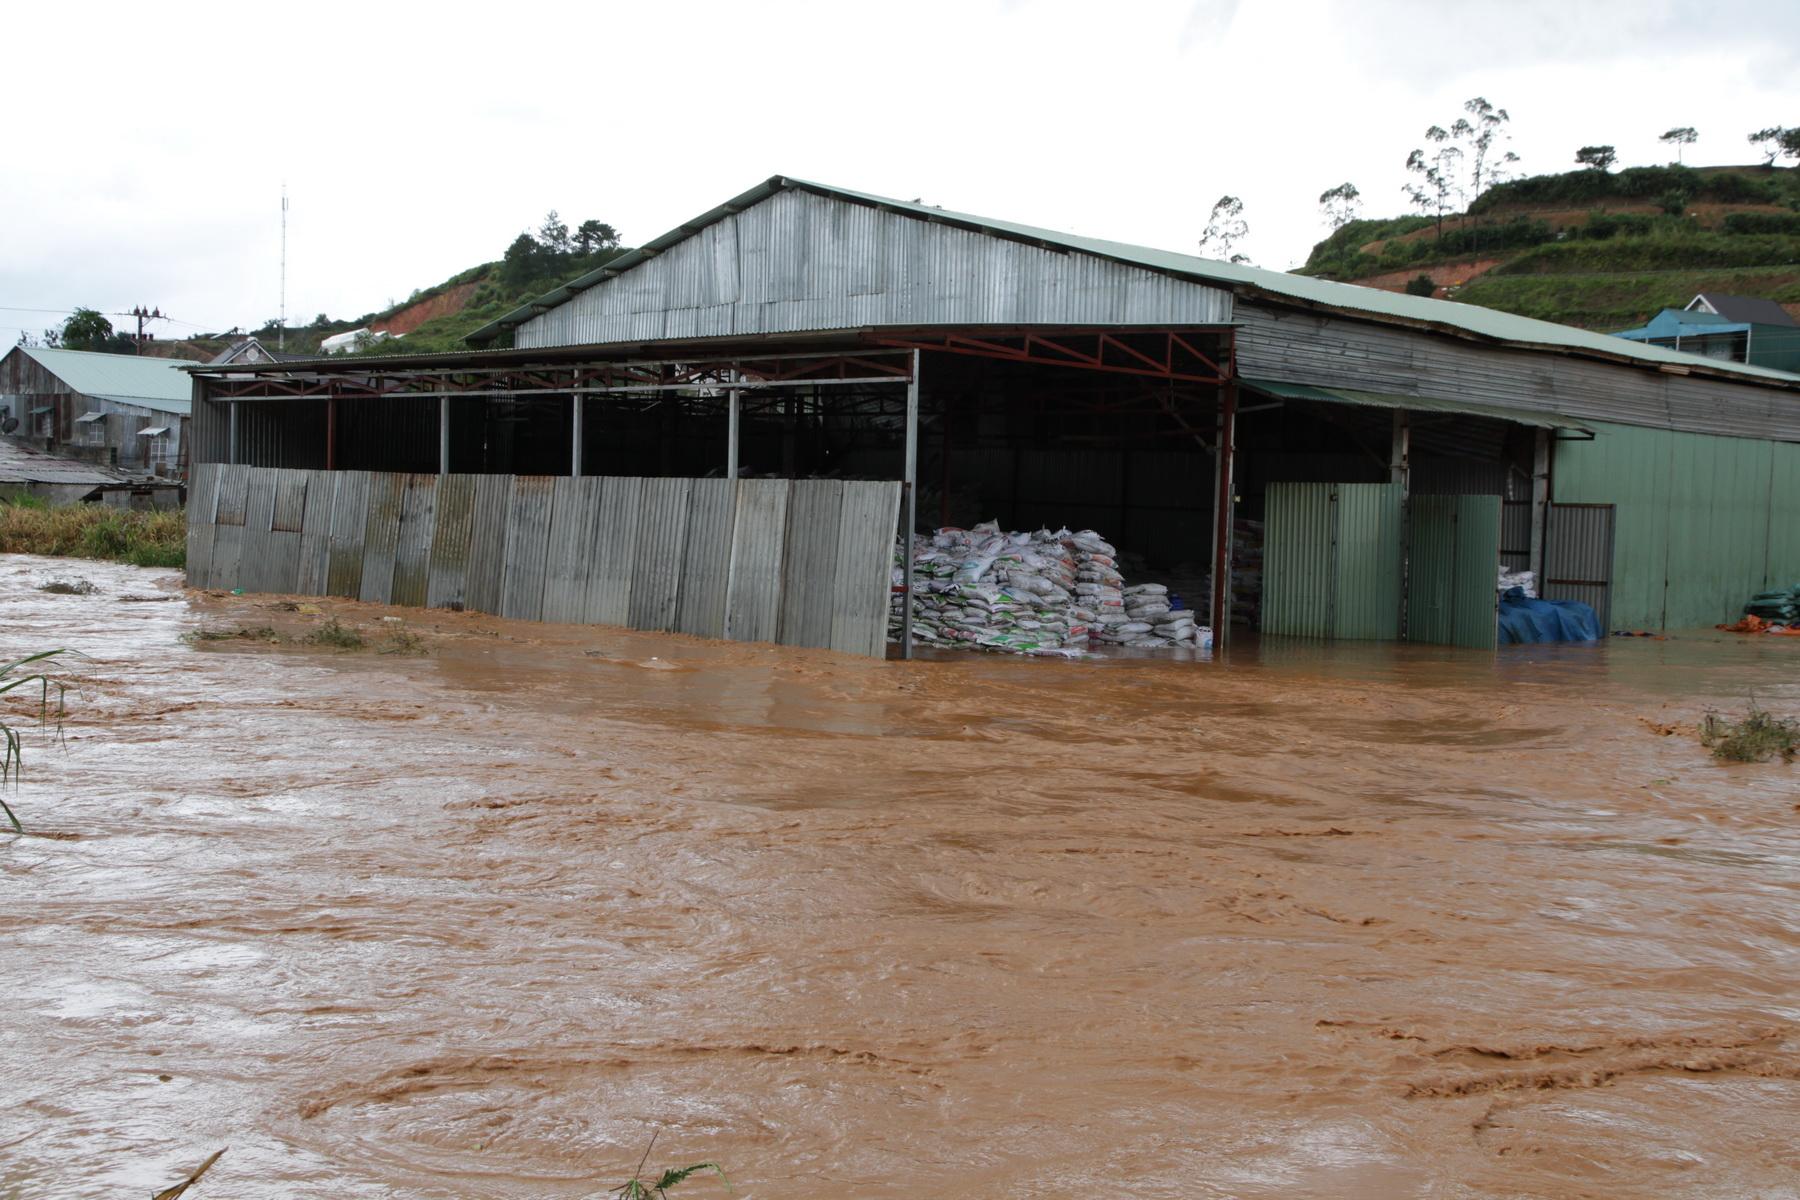 Mưa lớn gây ngập 2 kho phân lớn của nông dân